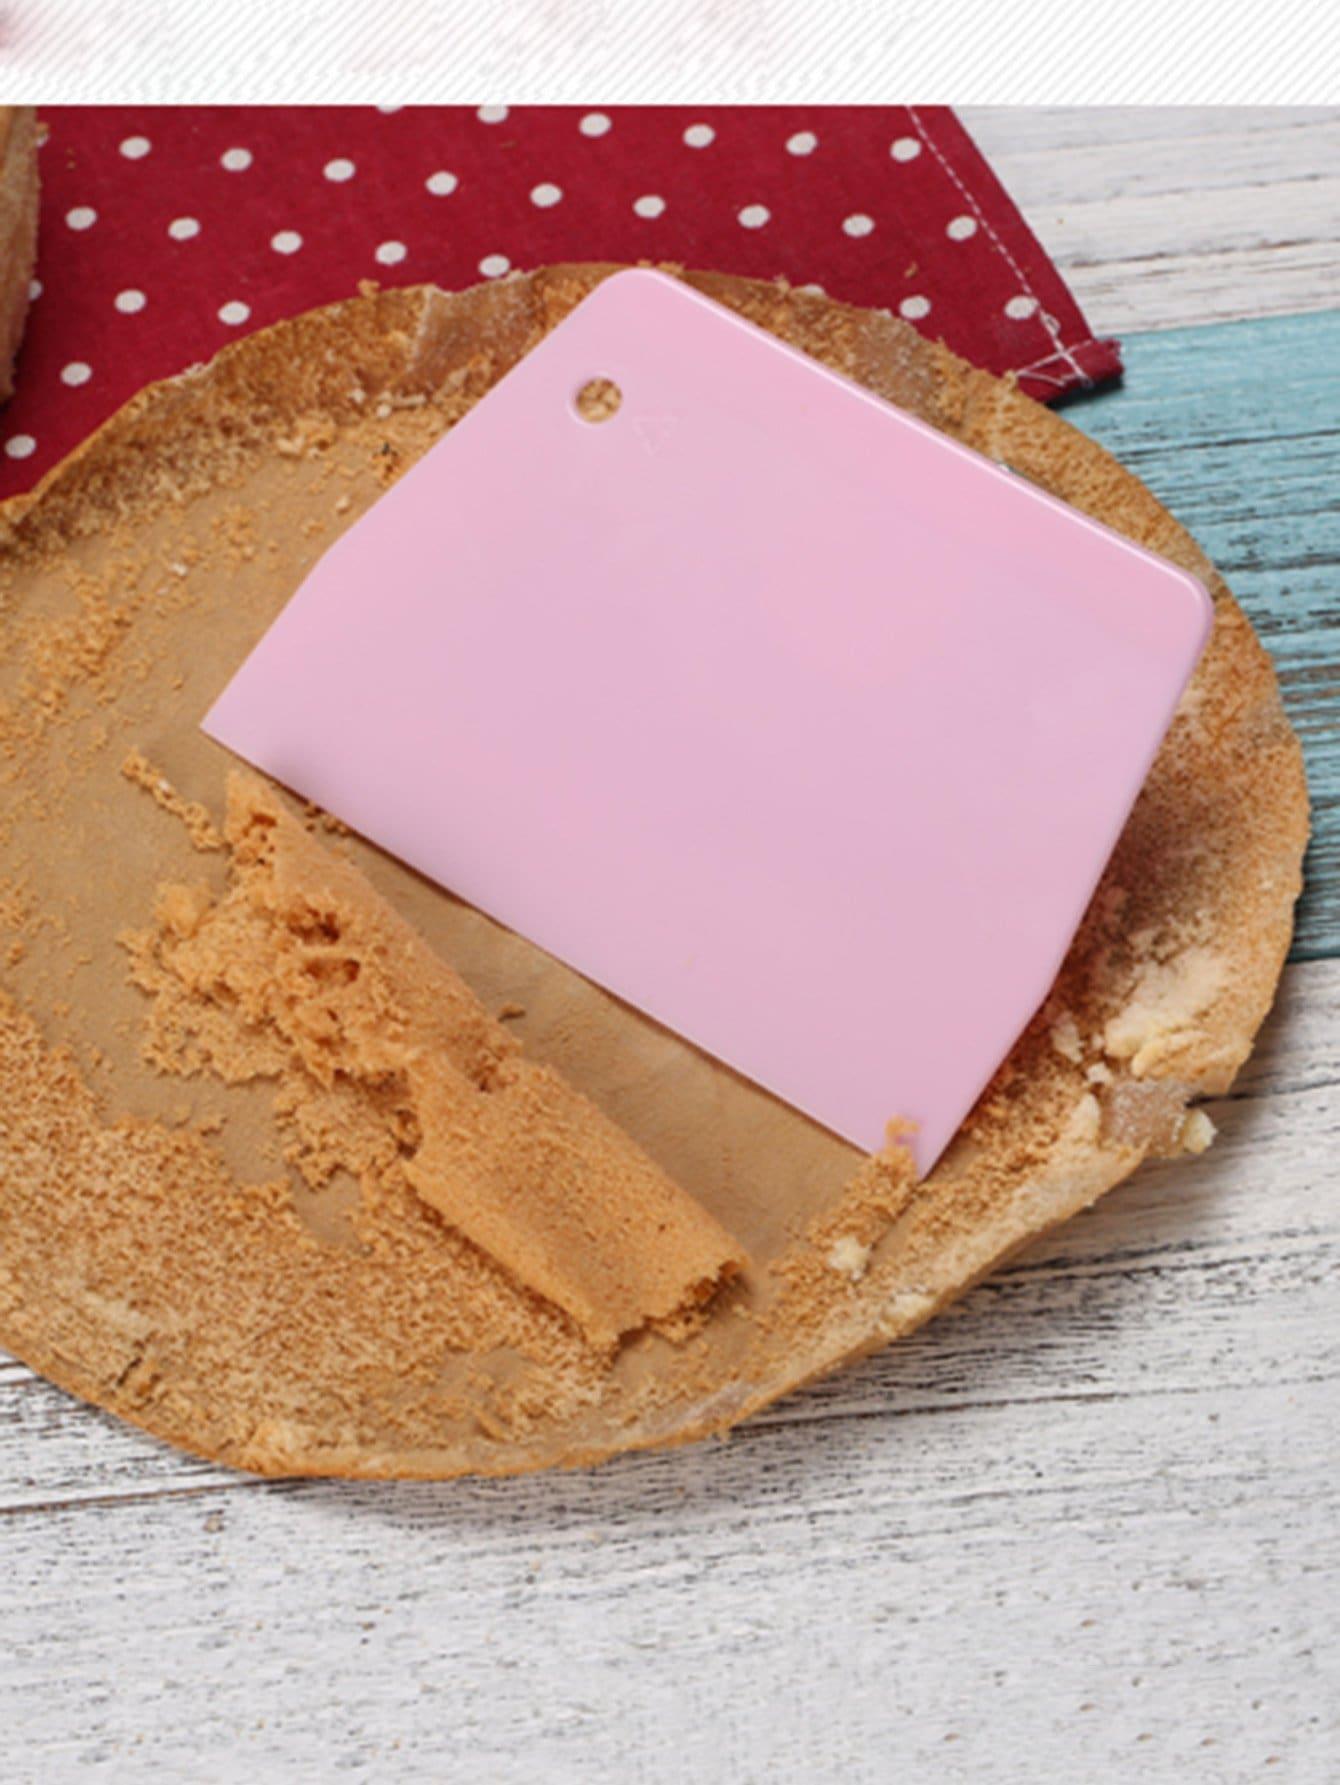 цены Plastic Pastry Scraper